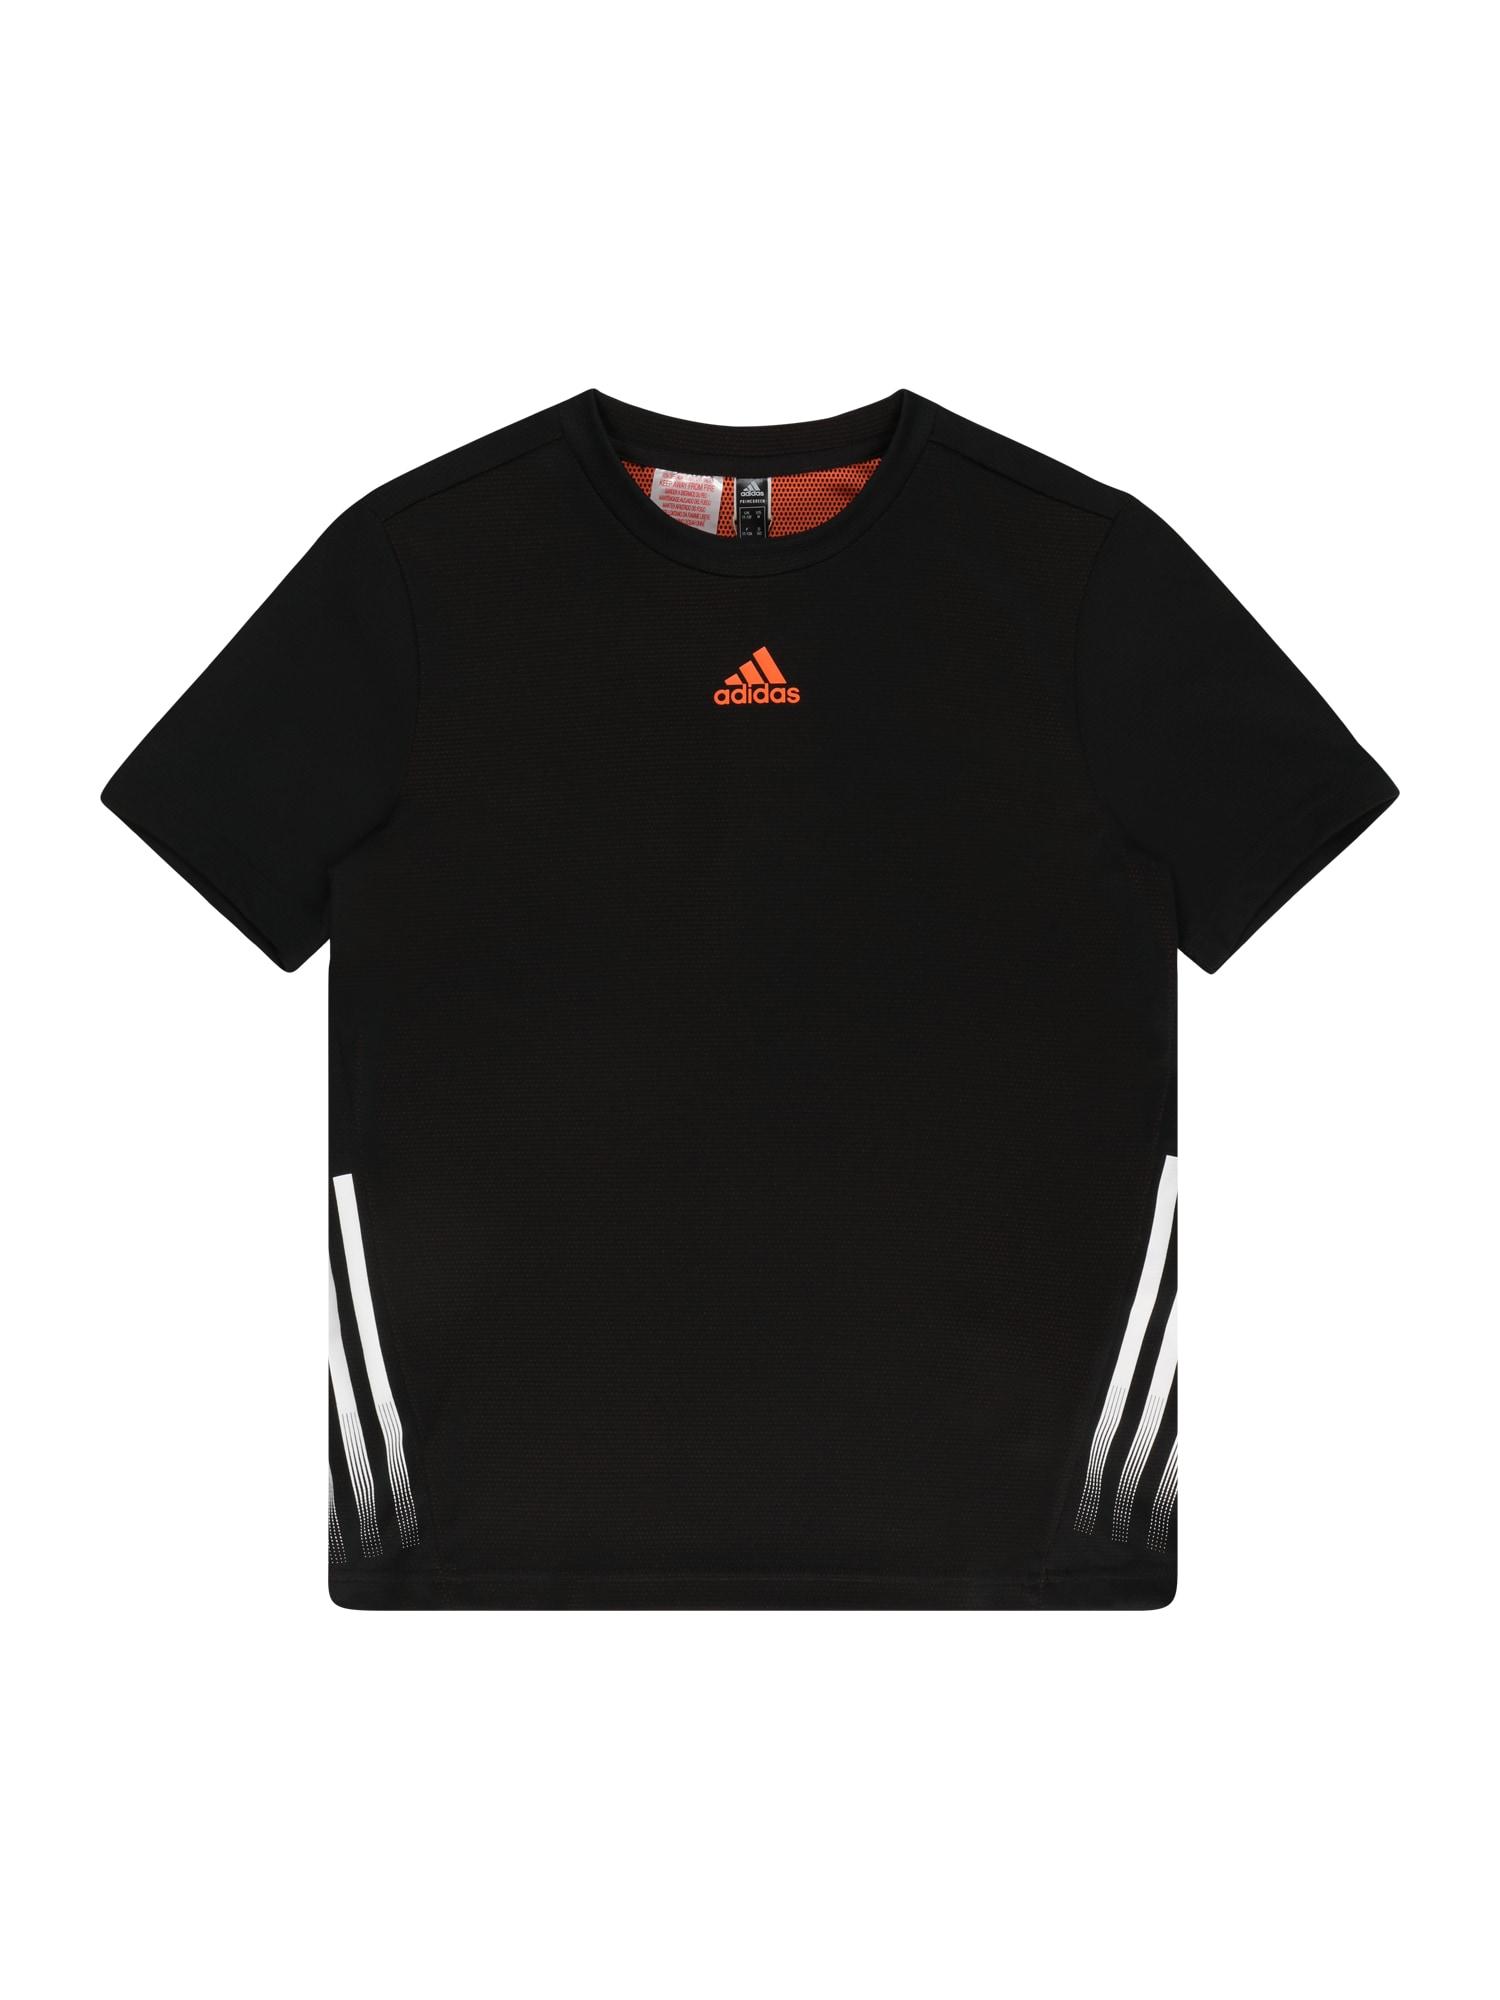 ADIDAS PERFORMANCE Sportiniai marškinėliai 'AEROREADY' juoda